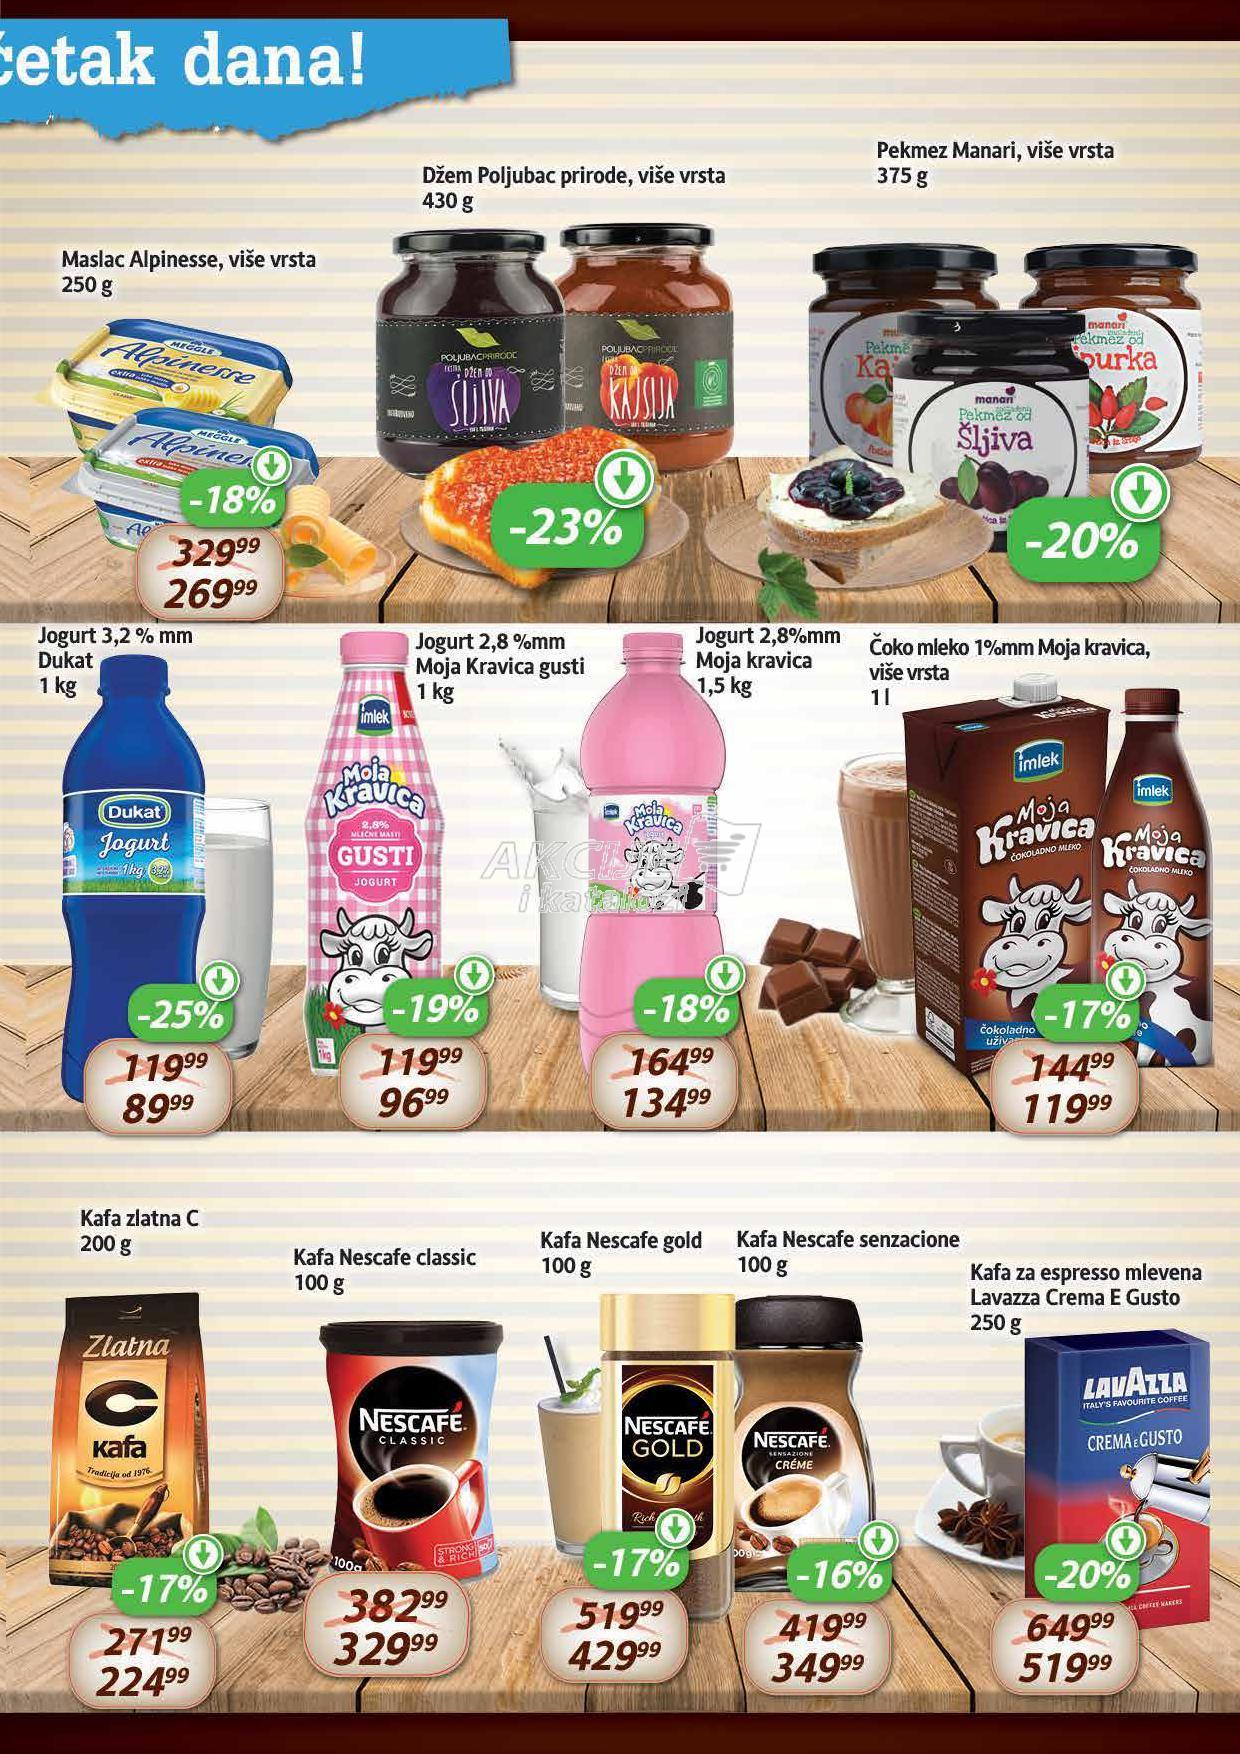 Aroma akcija odlične kupovine